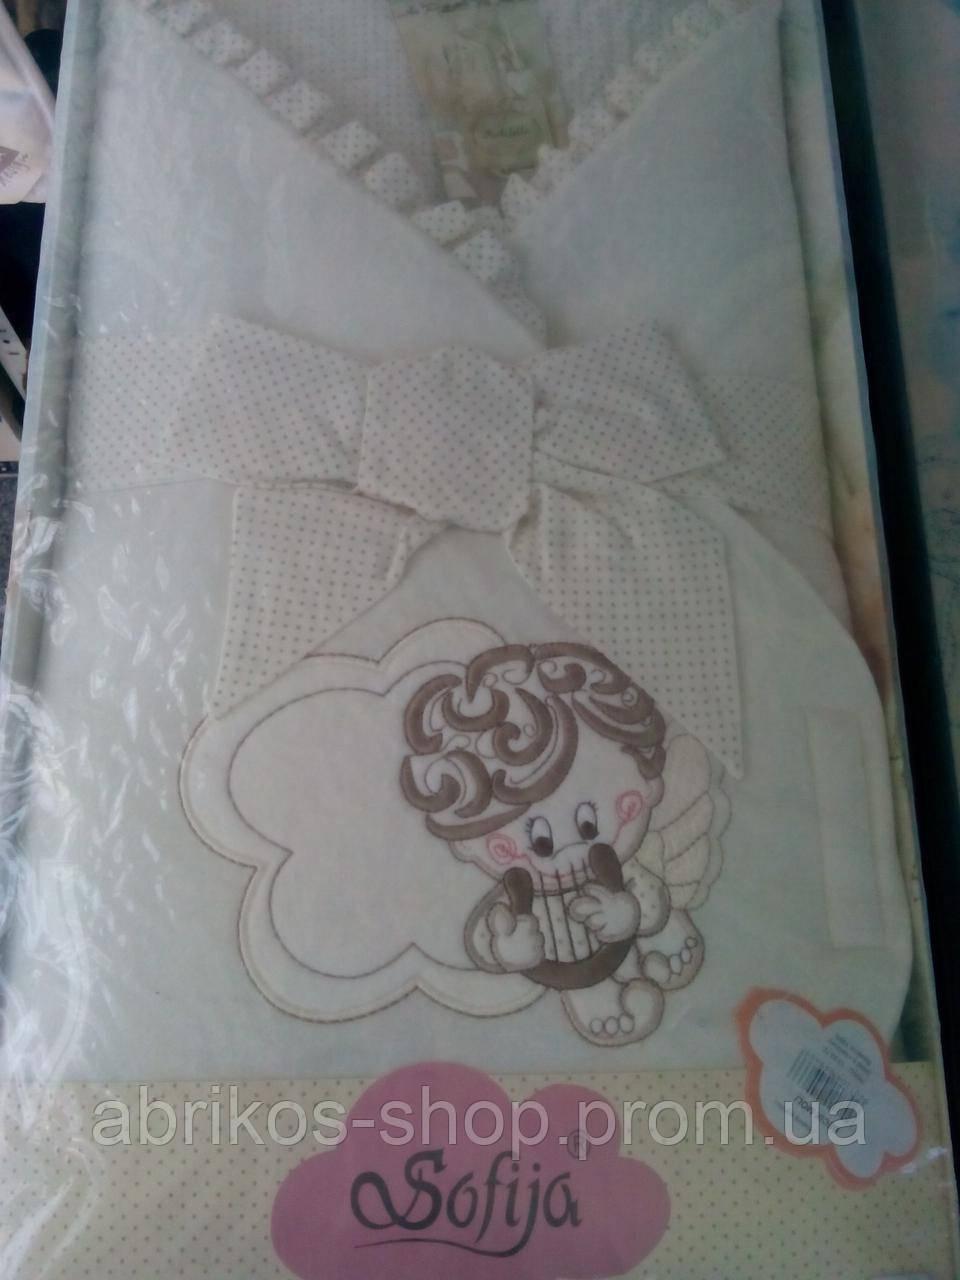 Уголок- одеялко для новорожденного ( Sofija)